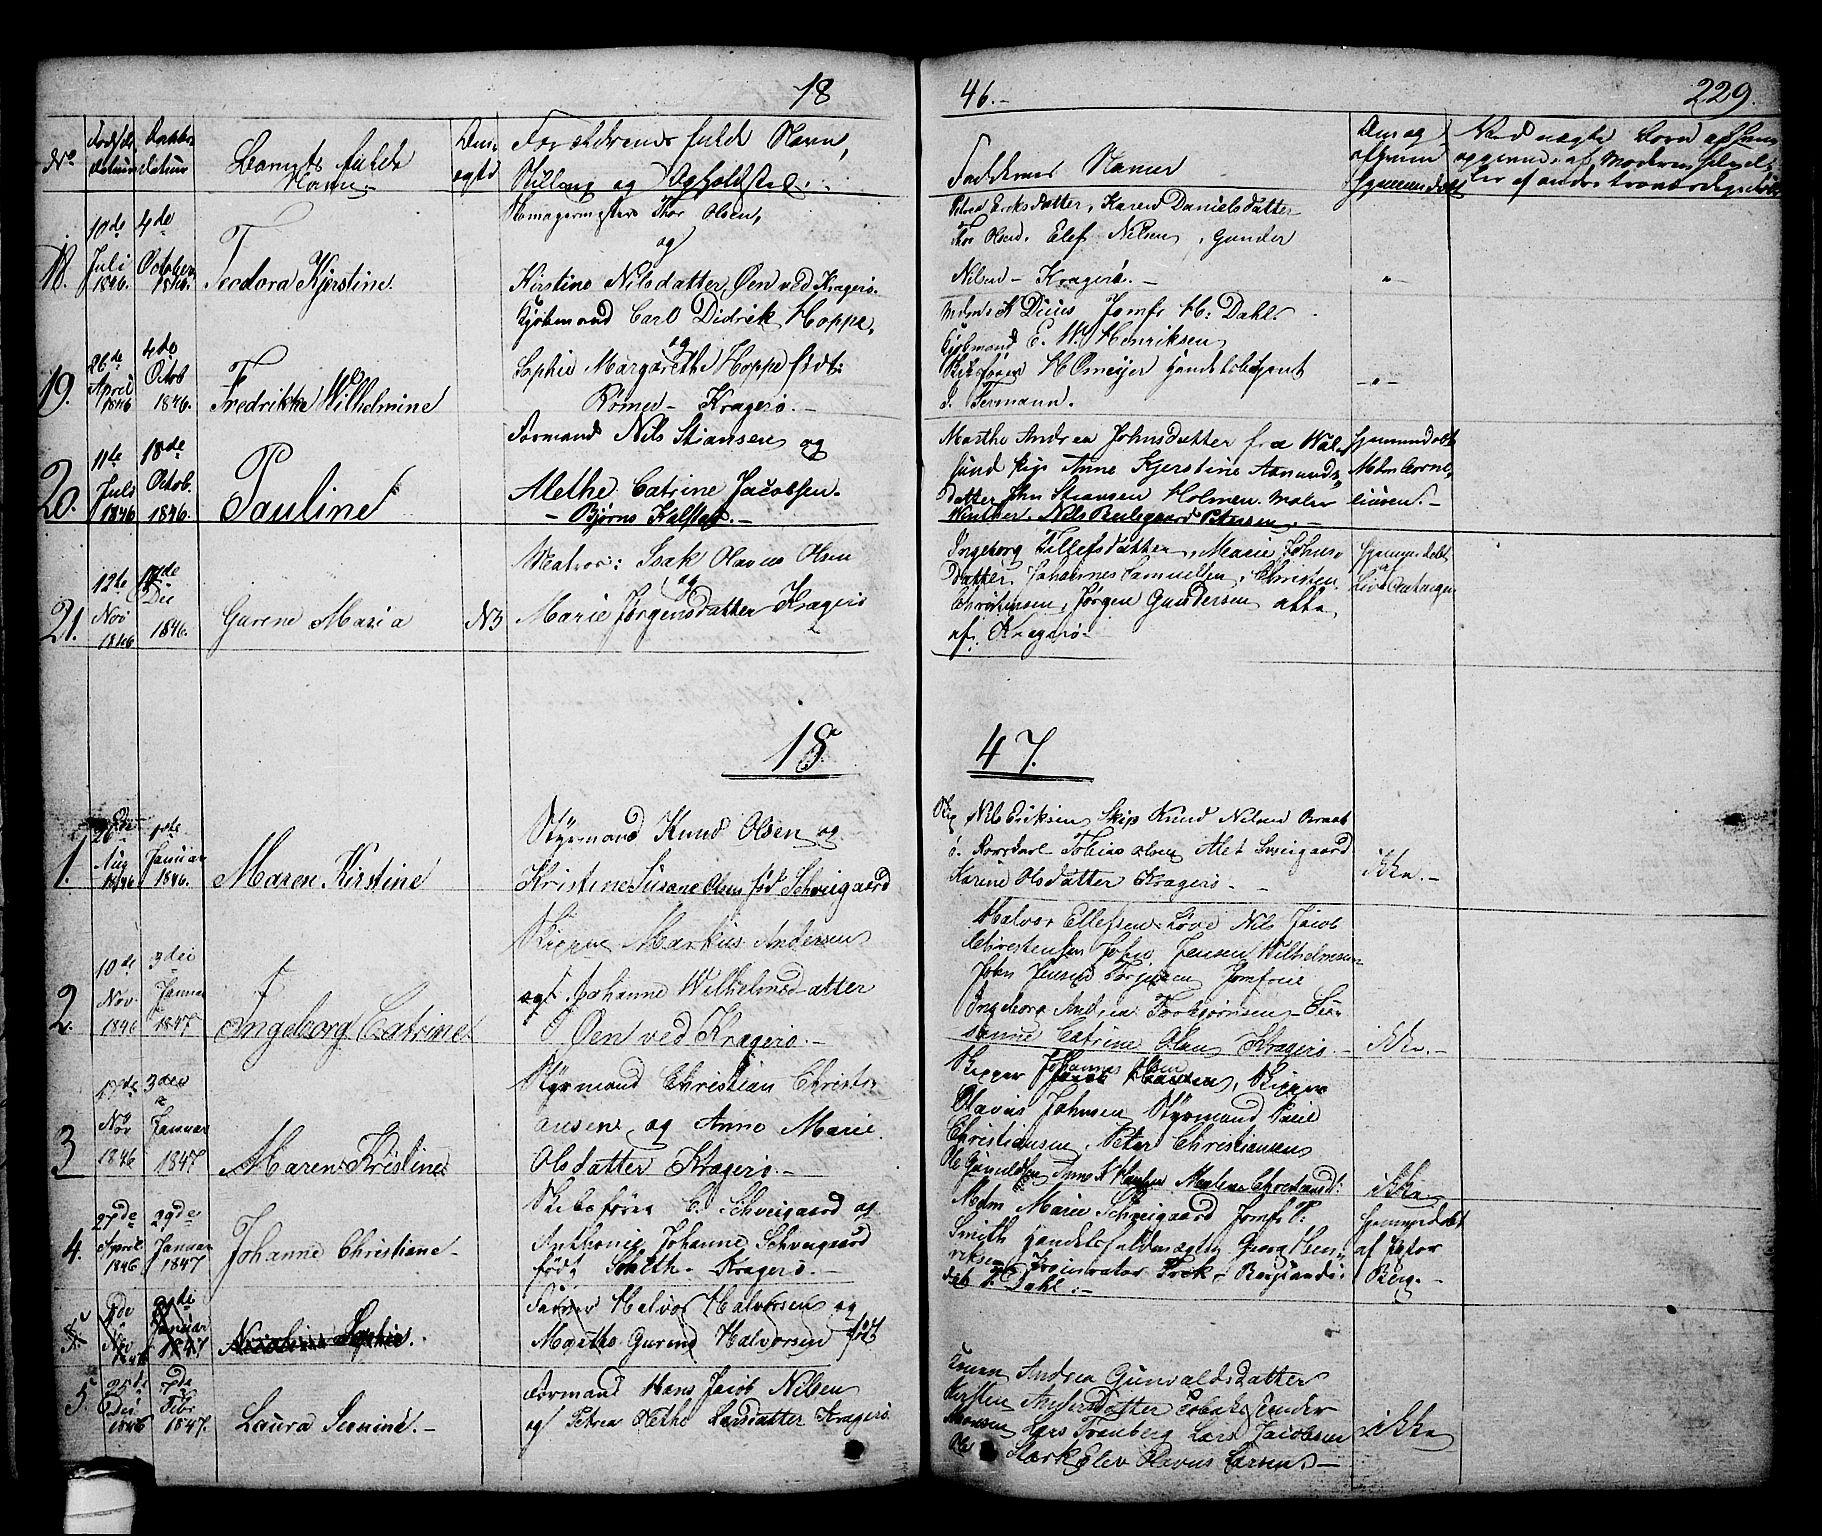 SAKO, Kragerø kirkebøker, G/Ga/L0003: Klokkerbok nr. 3, 1832-1852, s. 229